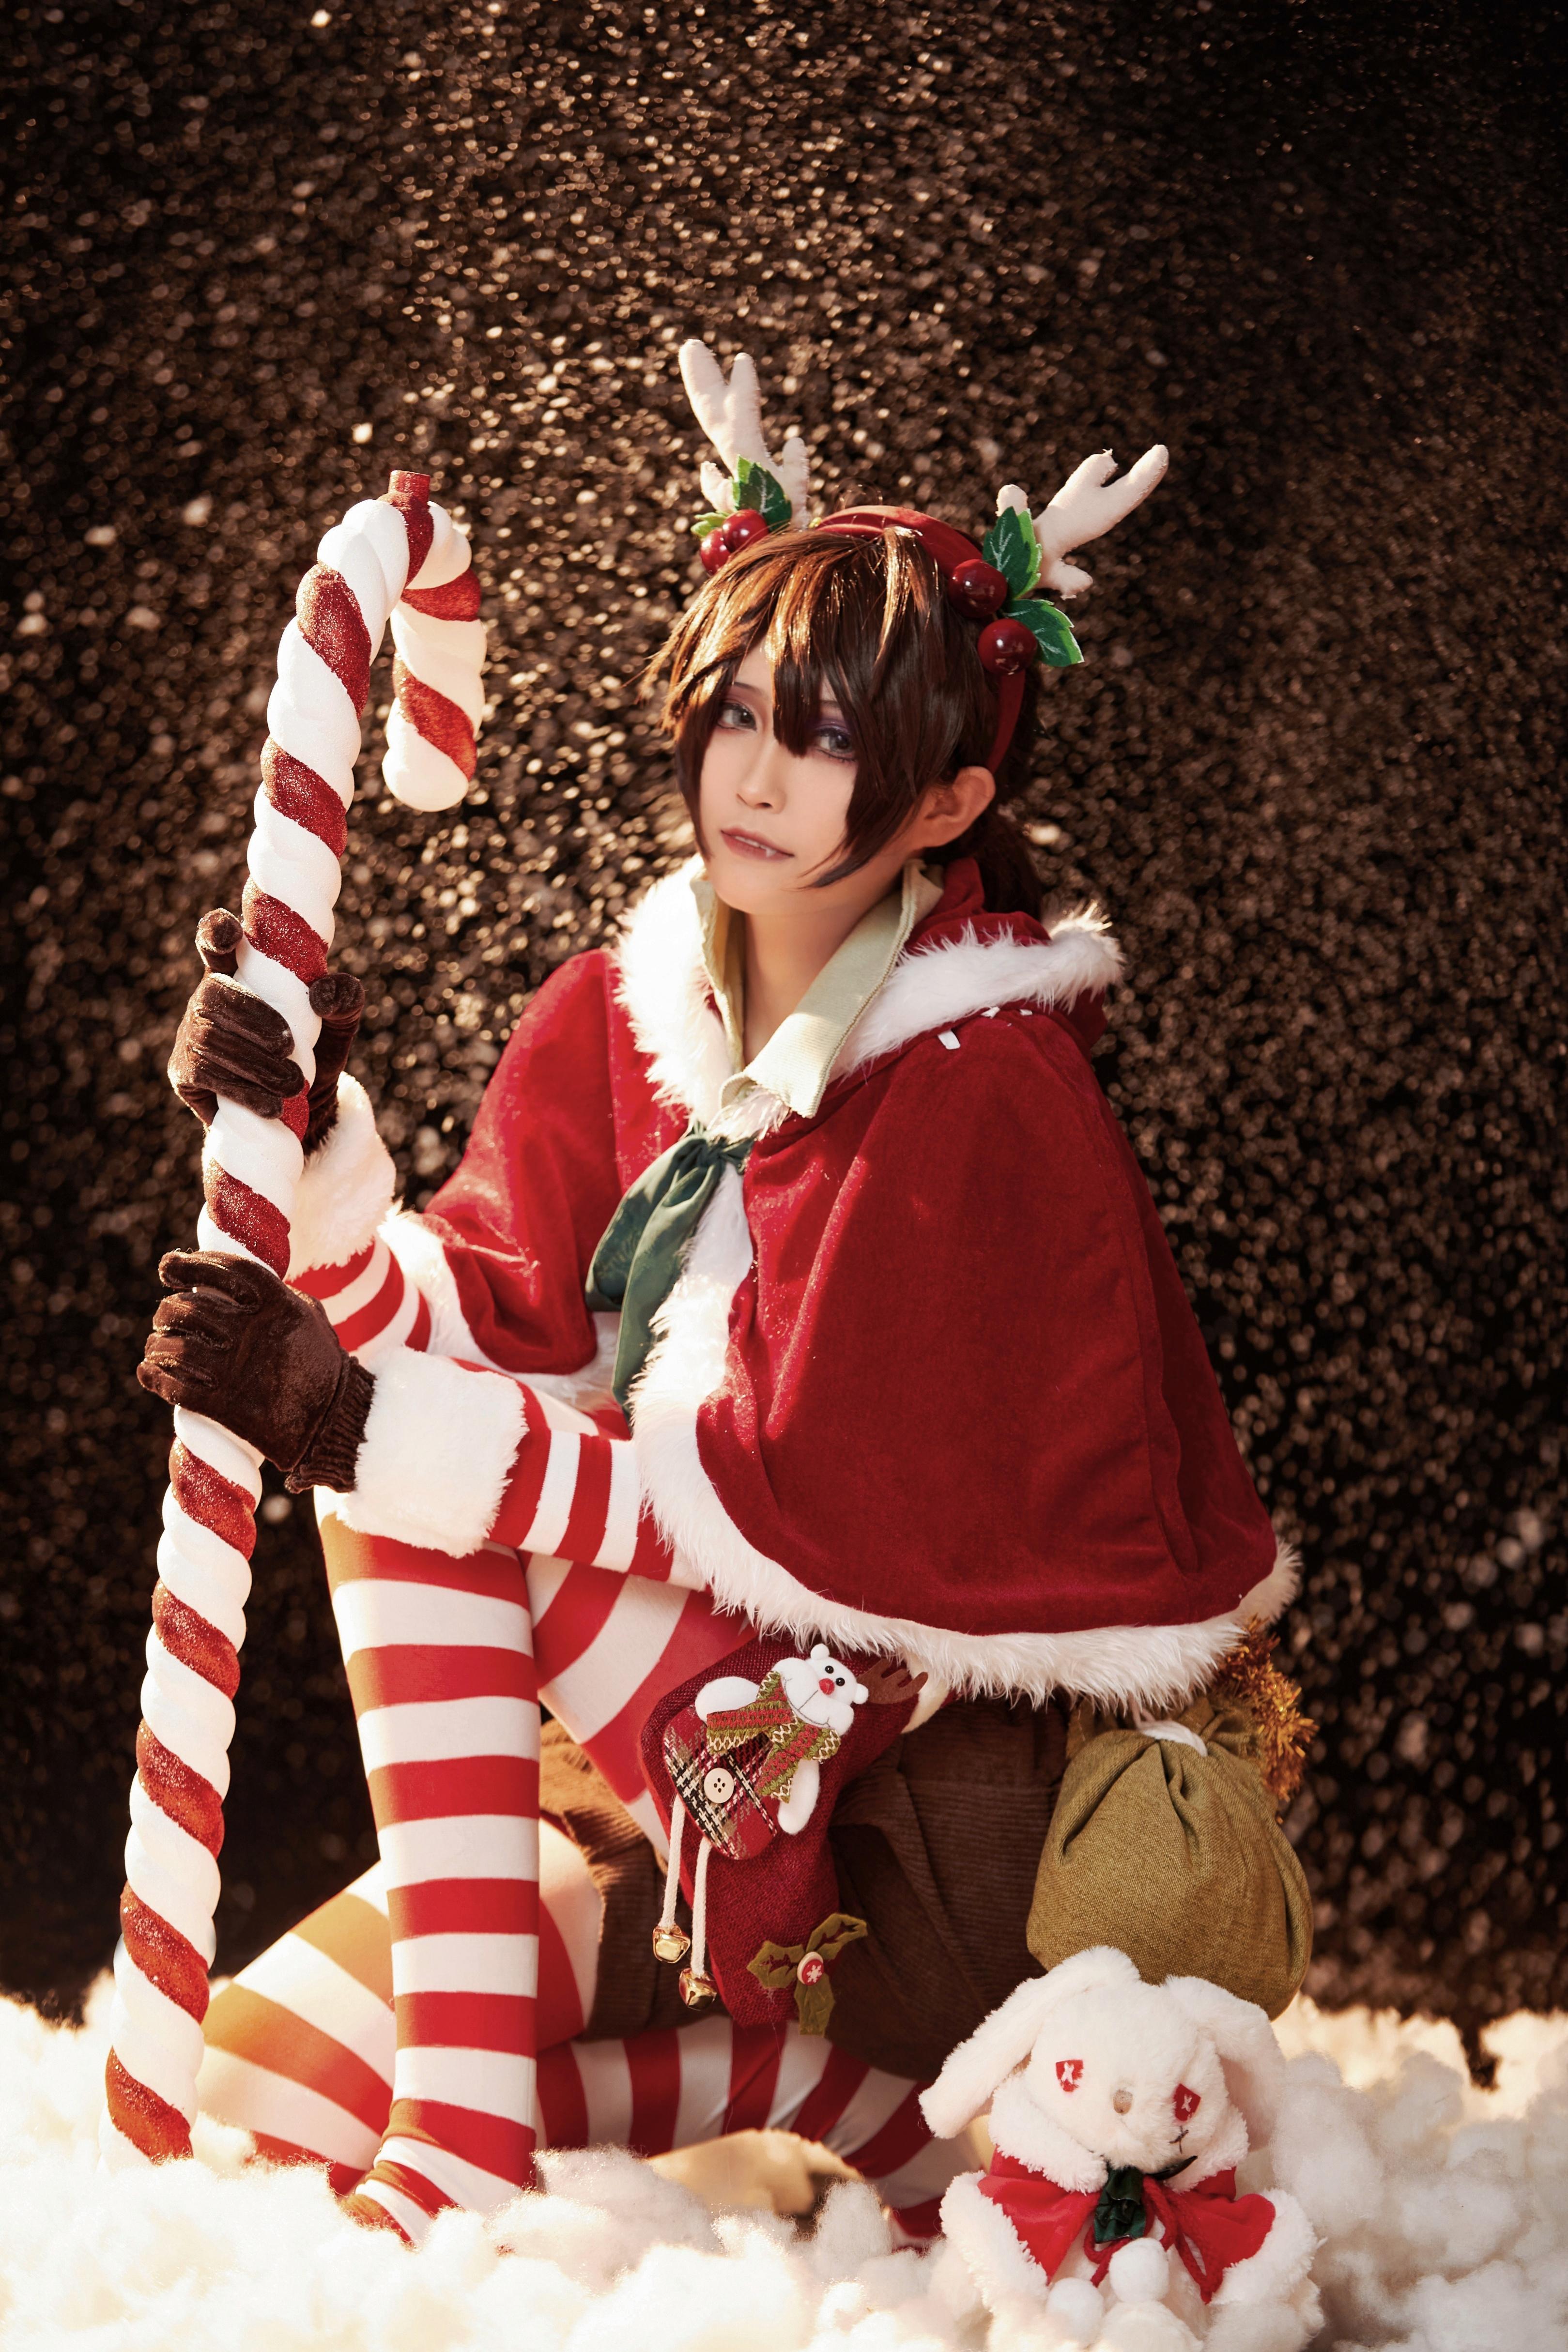 《第五人格》正片cosplay【CN:穆北辰-】-第4张